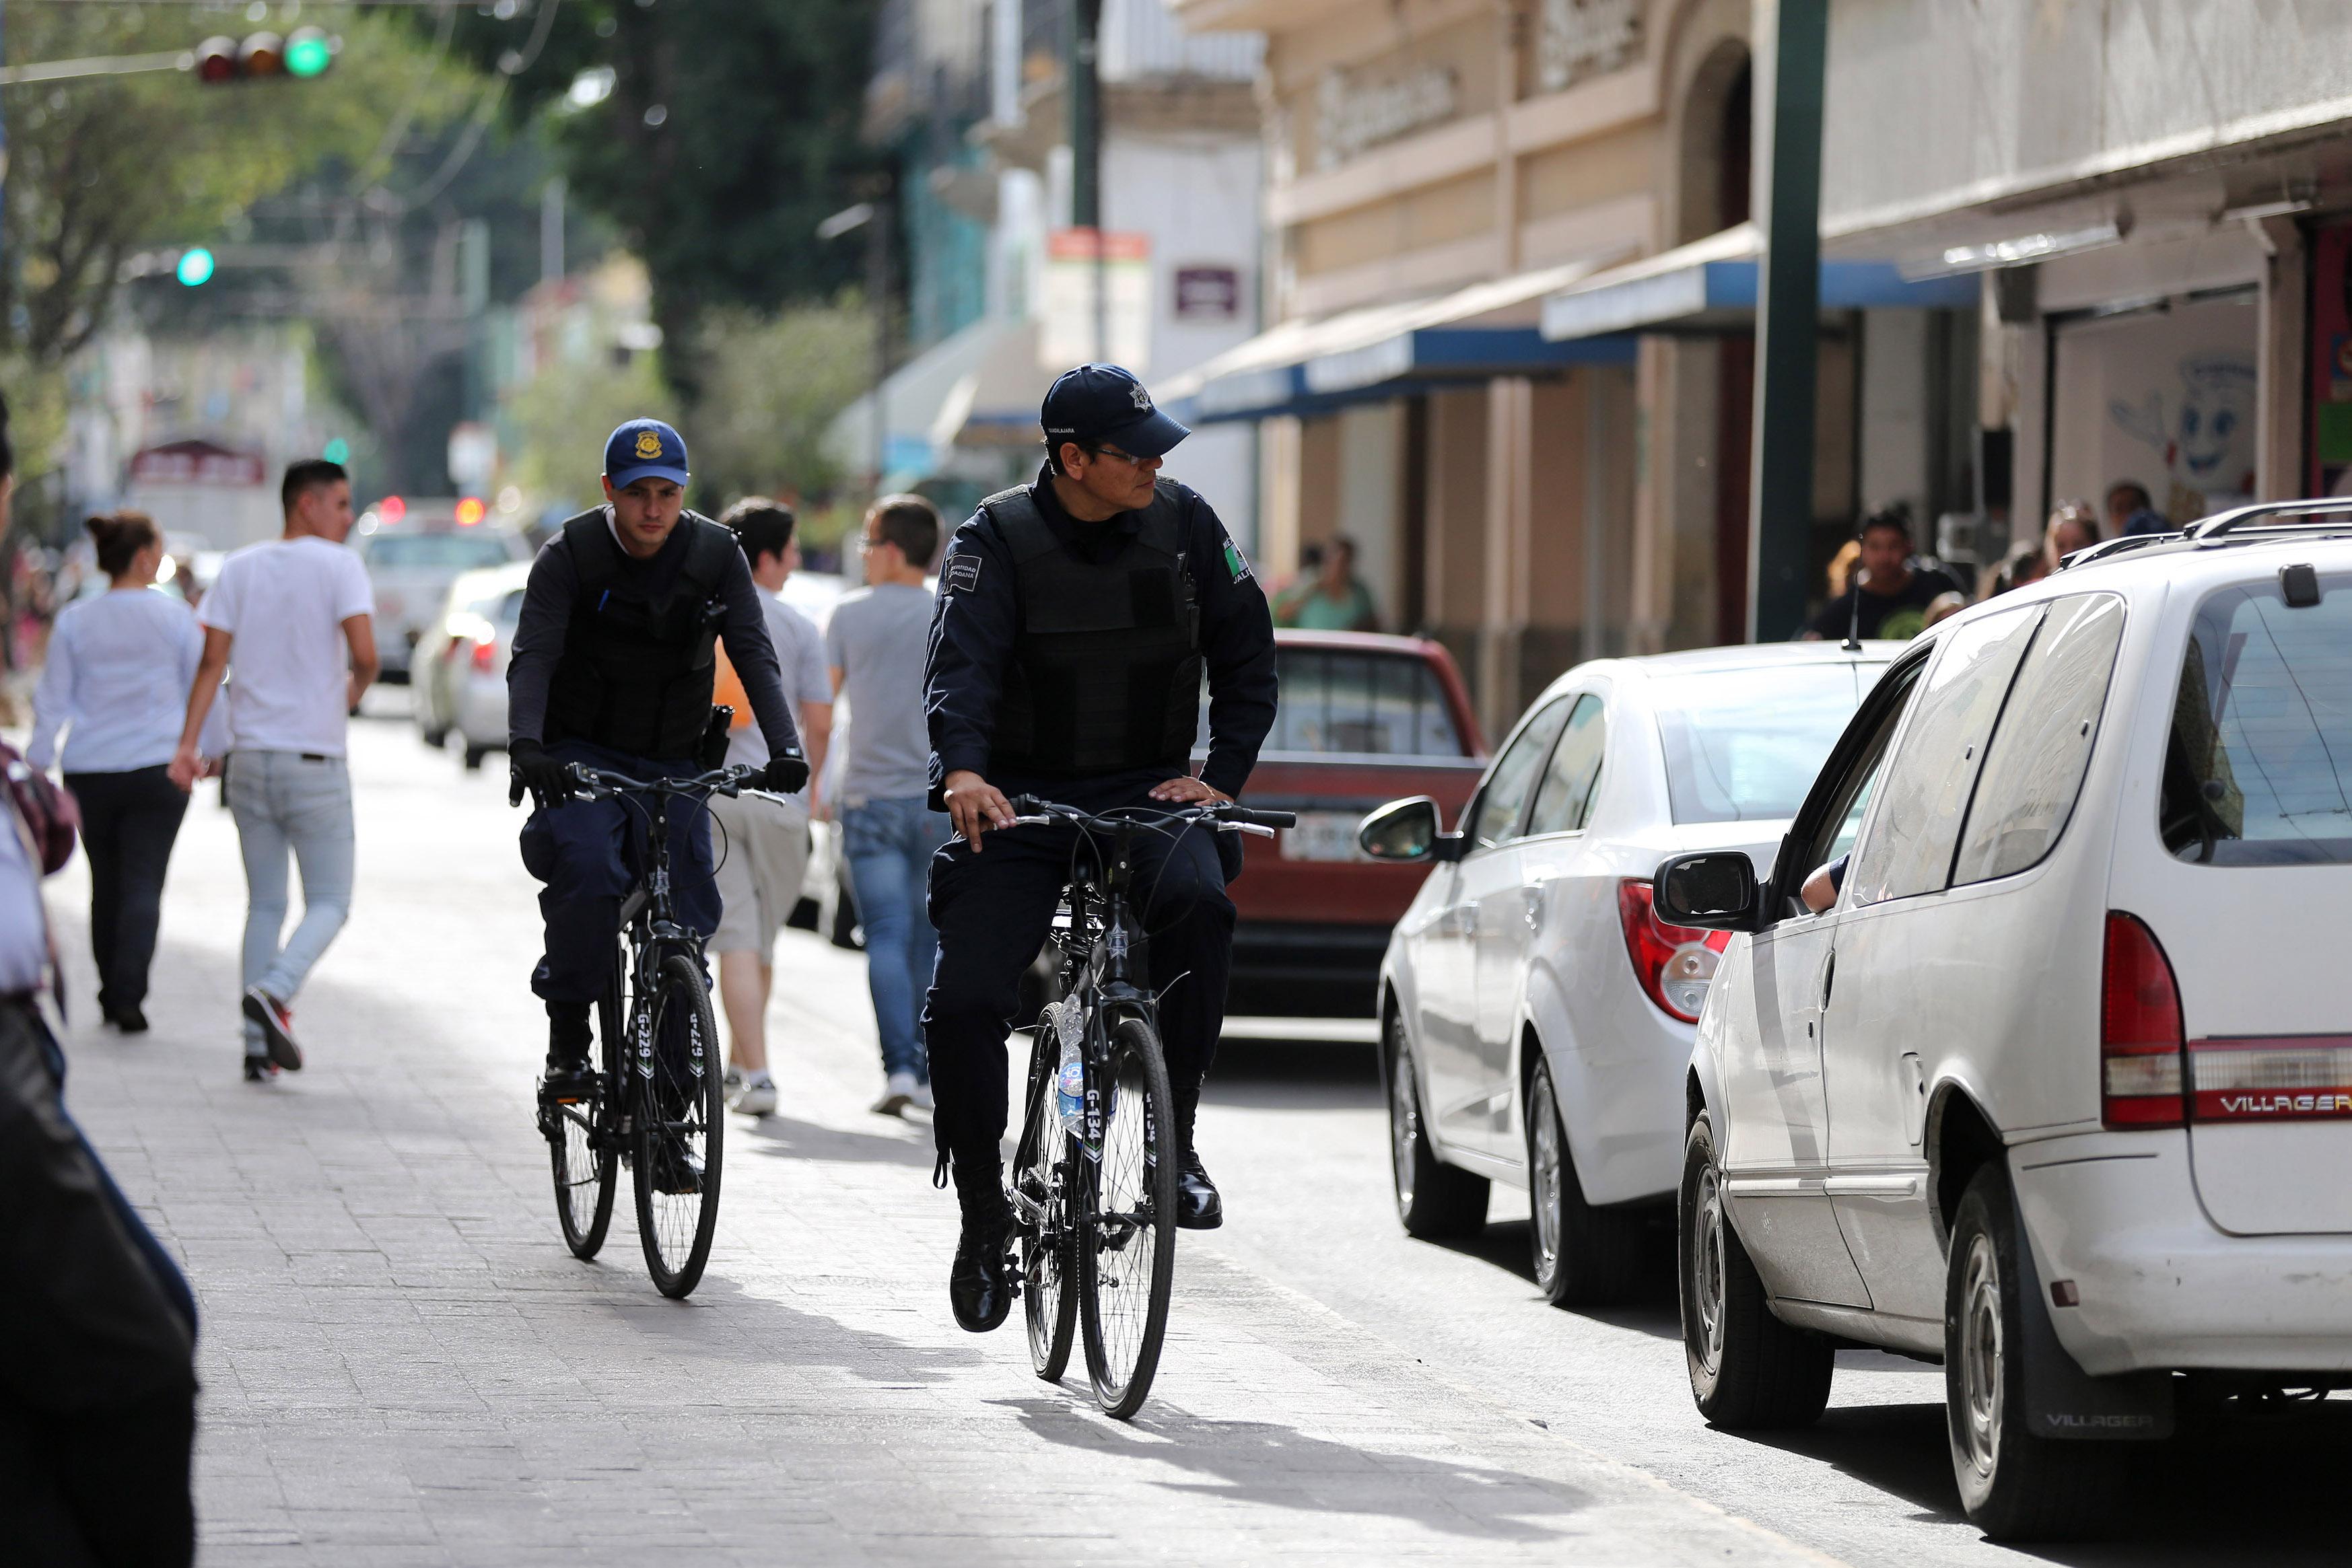 Ciclo policías haciendo rondín